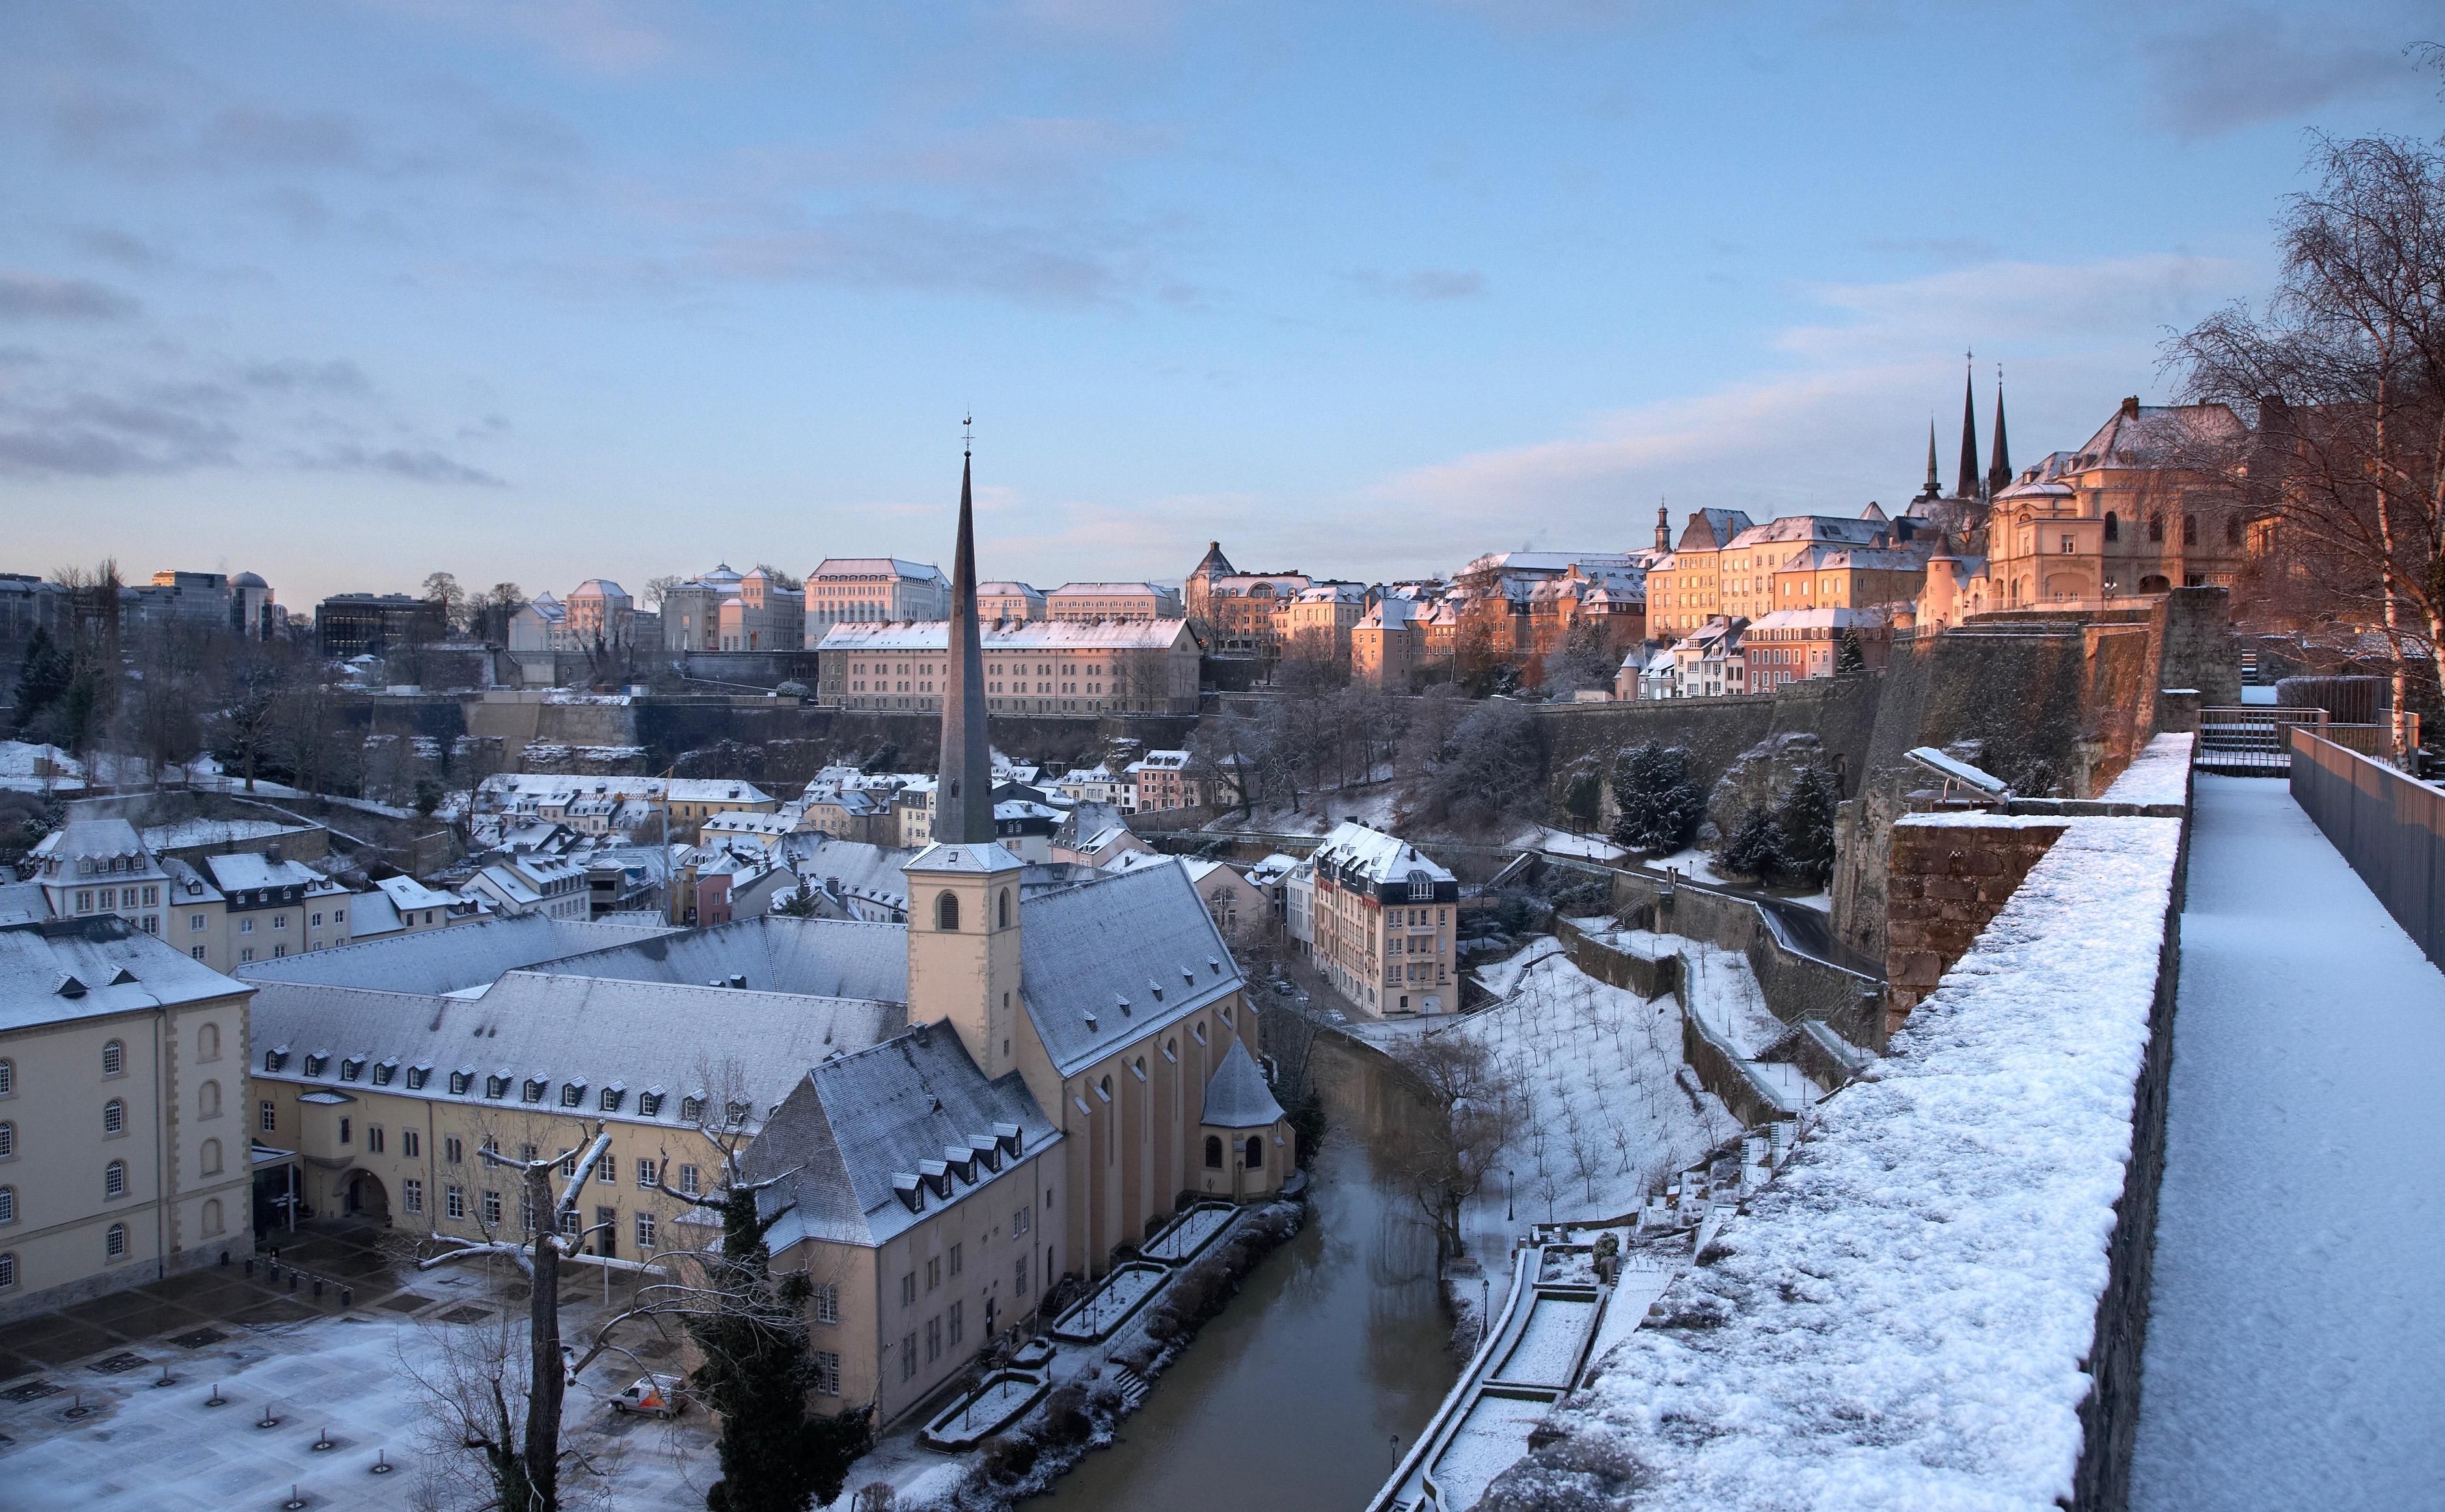 Vue hivernale sur la vieille ville de Luxembourg et le quartier du Grund